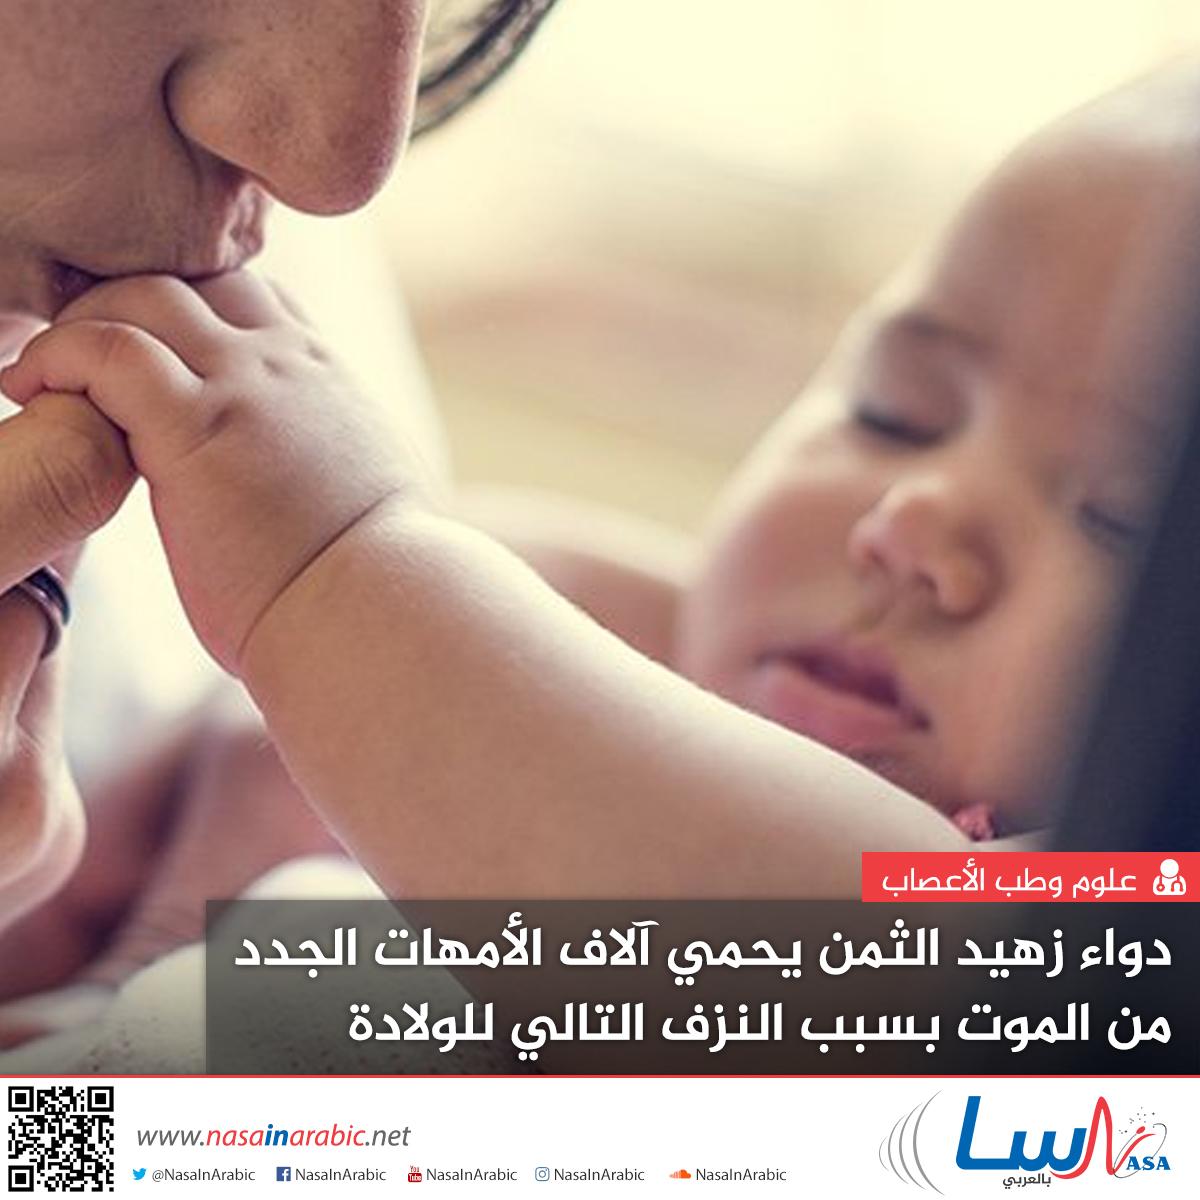 دواء زهيد الثمن يحمي آلاف الأمهات الجدد من الموت بسبب النزف التالي للولادة